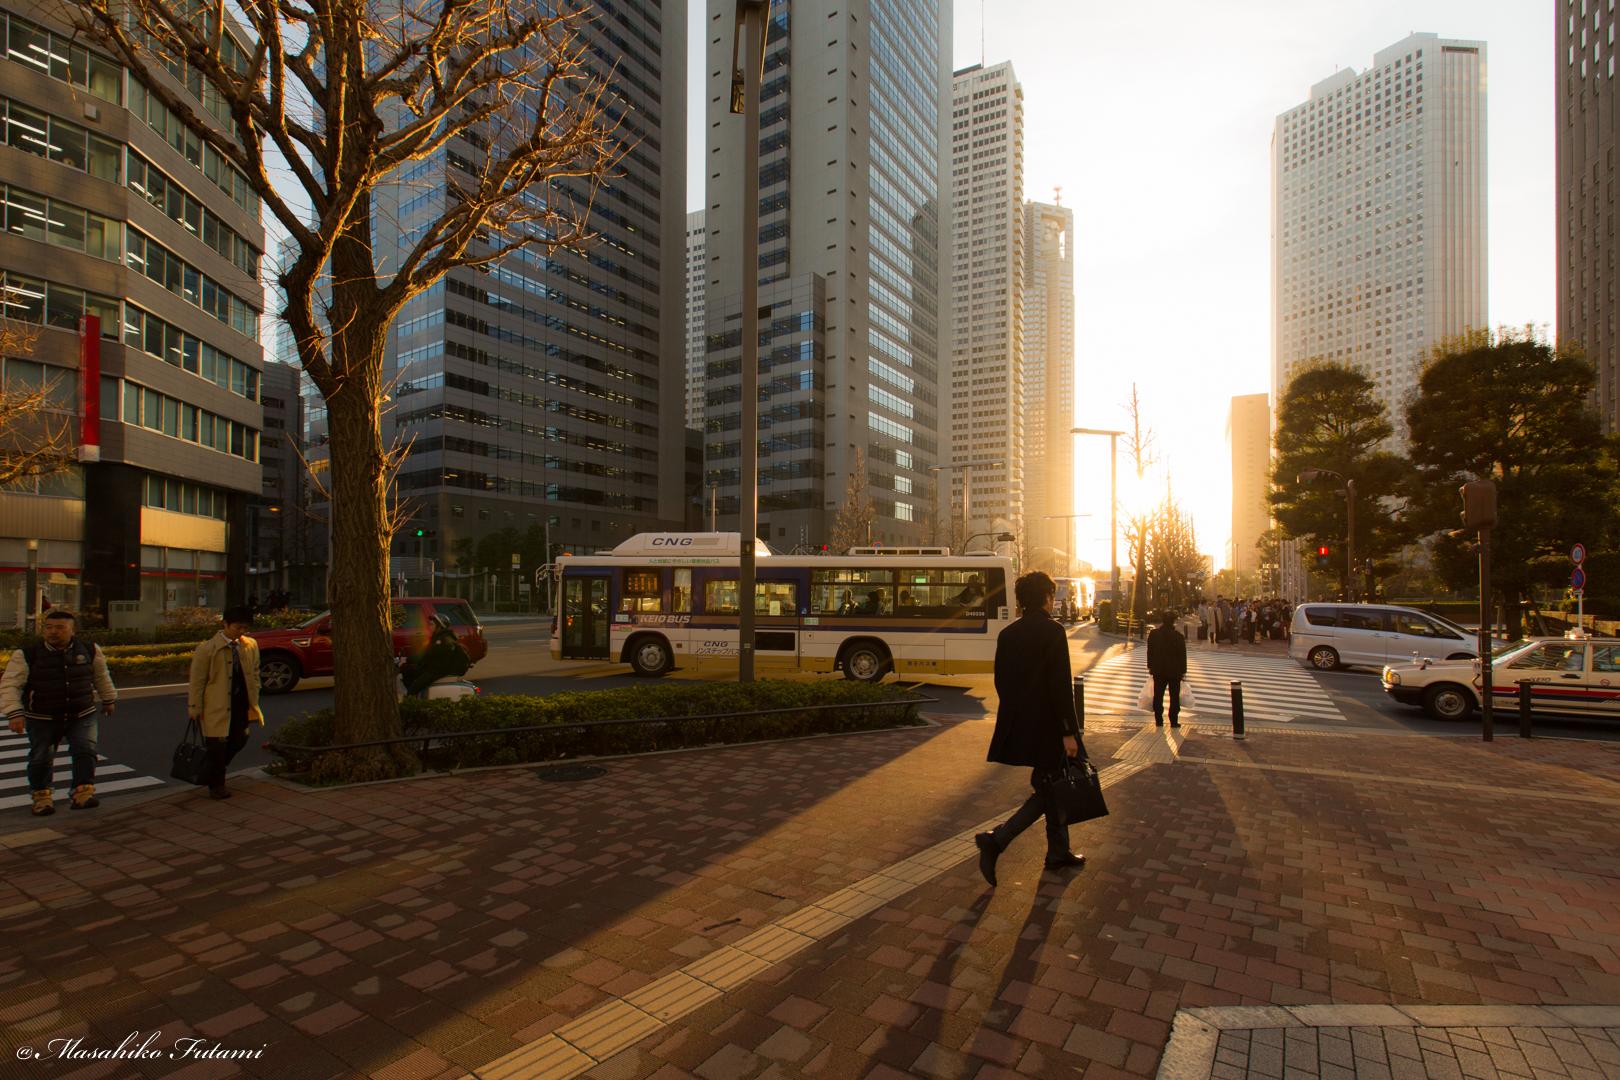 Street Snap in Shinjuku